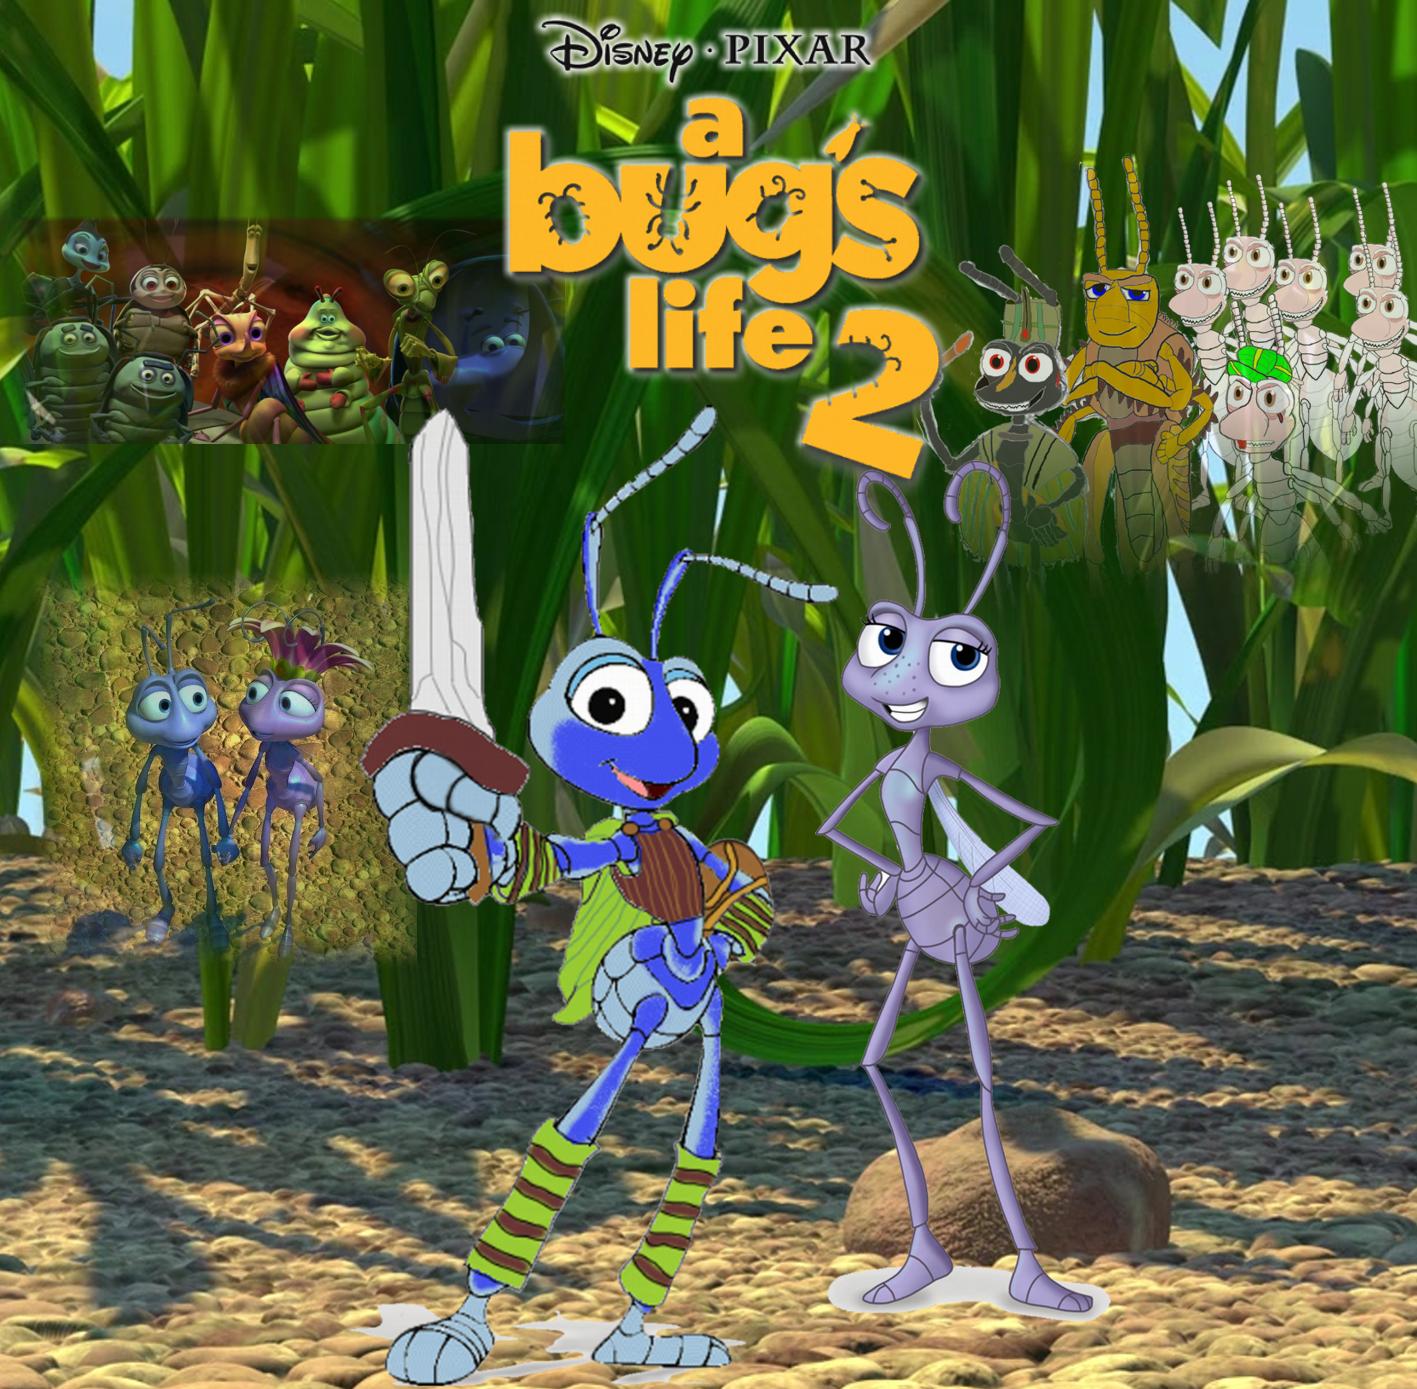 Disney Pixar S A Bug S Life 2 In 2020 Fan Art A Bug S Life Disney Pixar